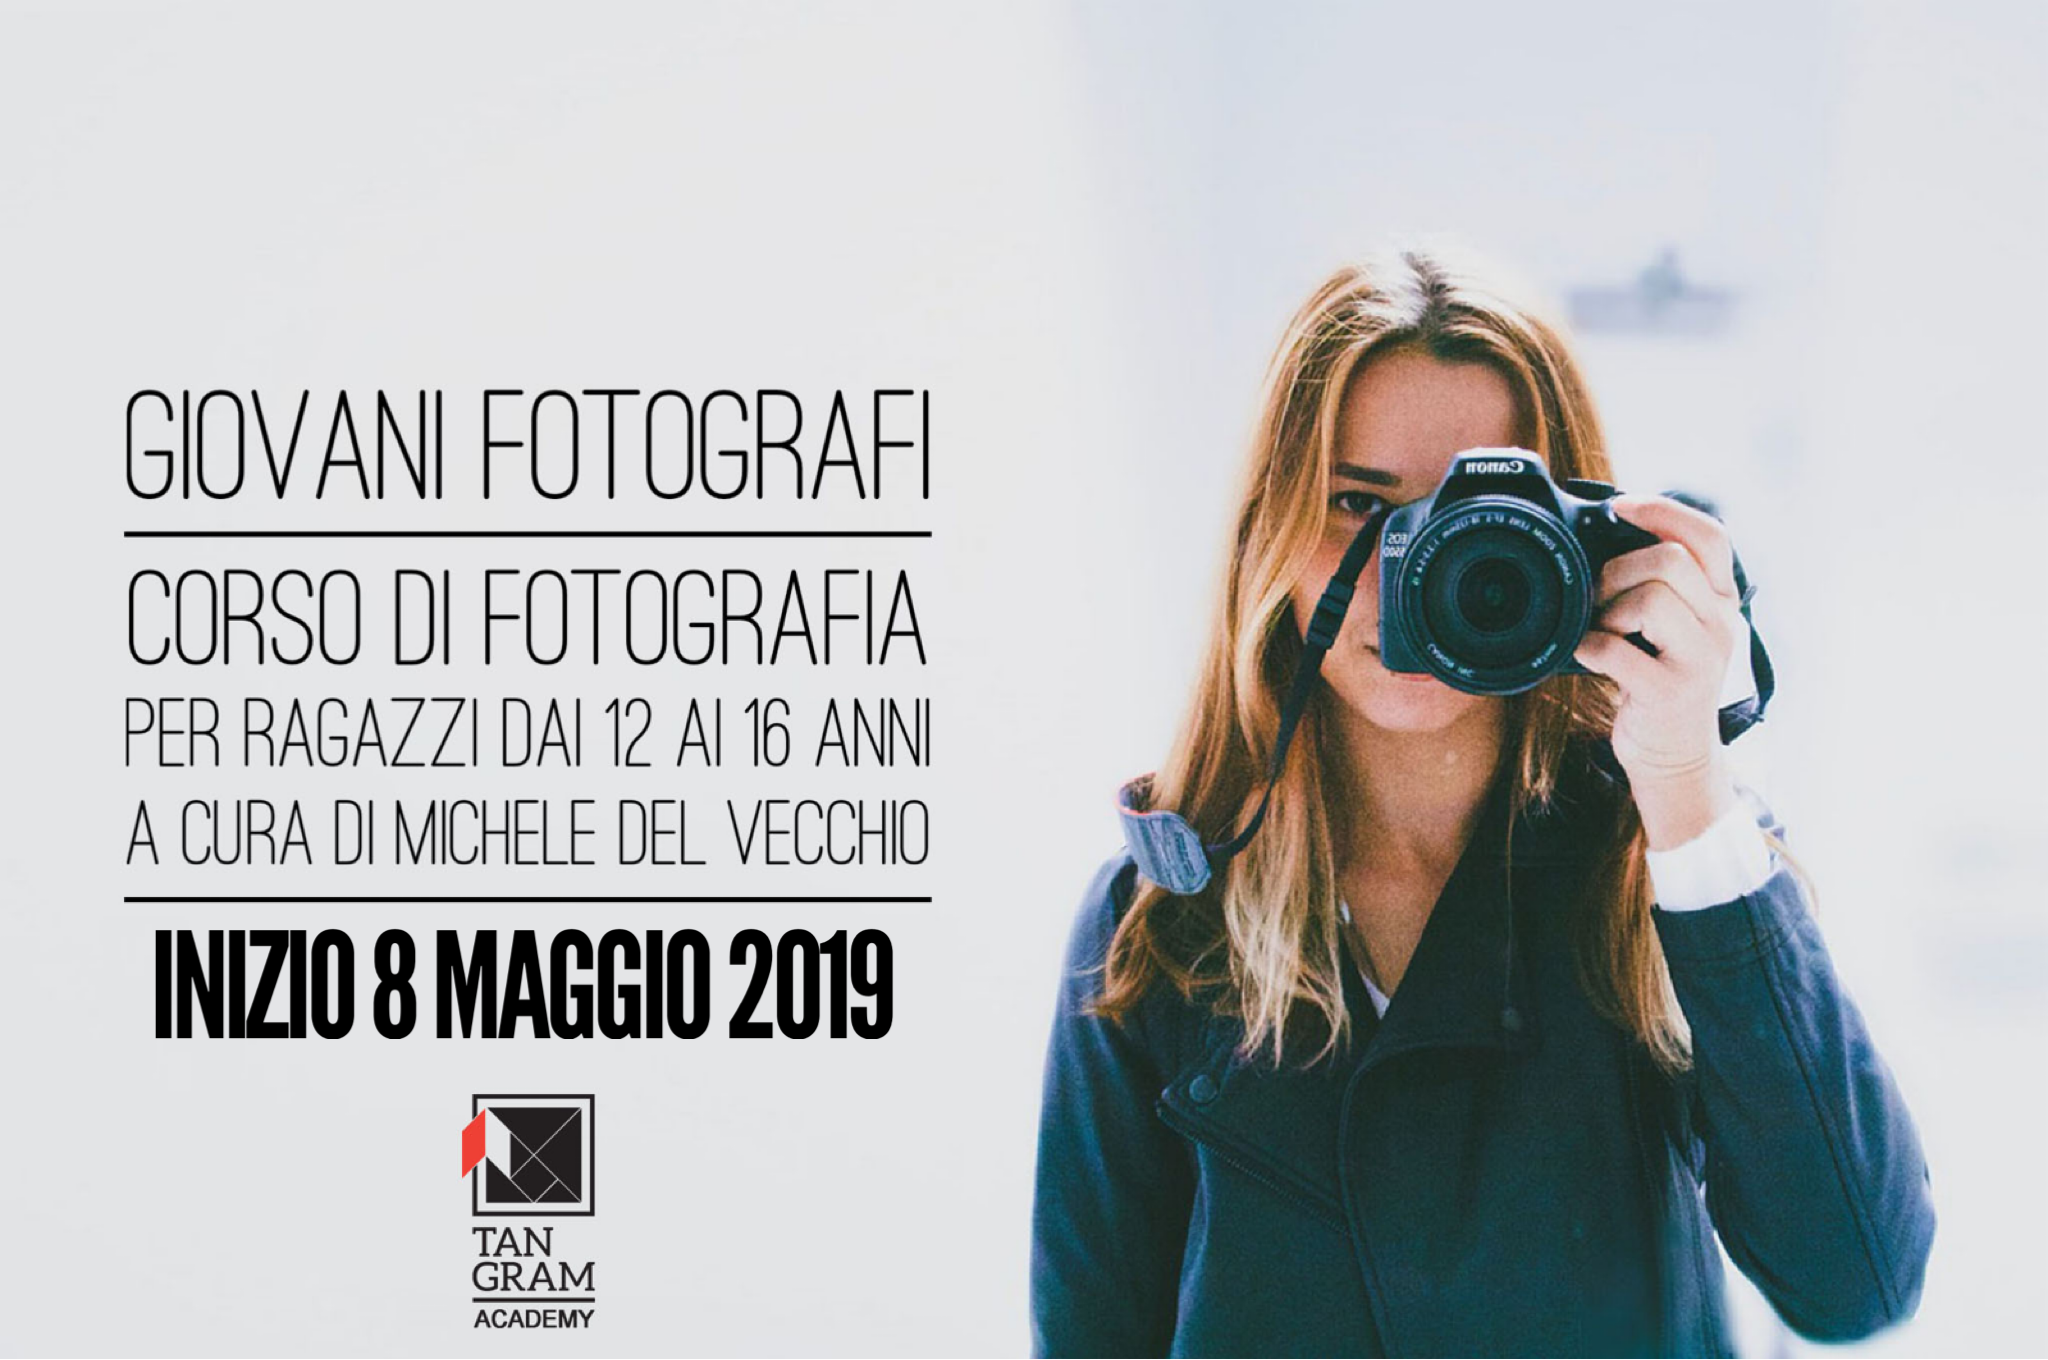 """""""Giovani Fotografi""""   corso di fotografia per ragazzi dai 12 ai 16 anni   a cura di Michele Del Vecchio"""